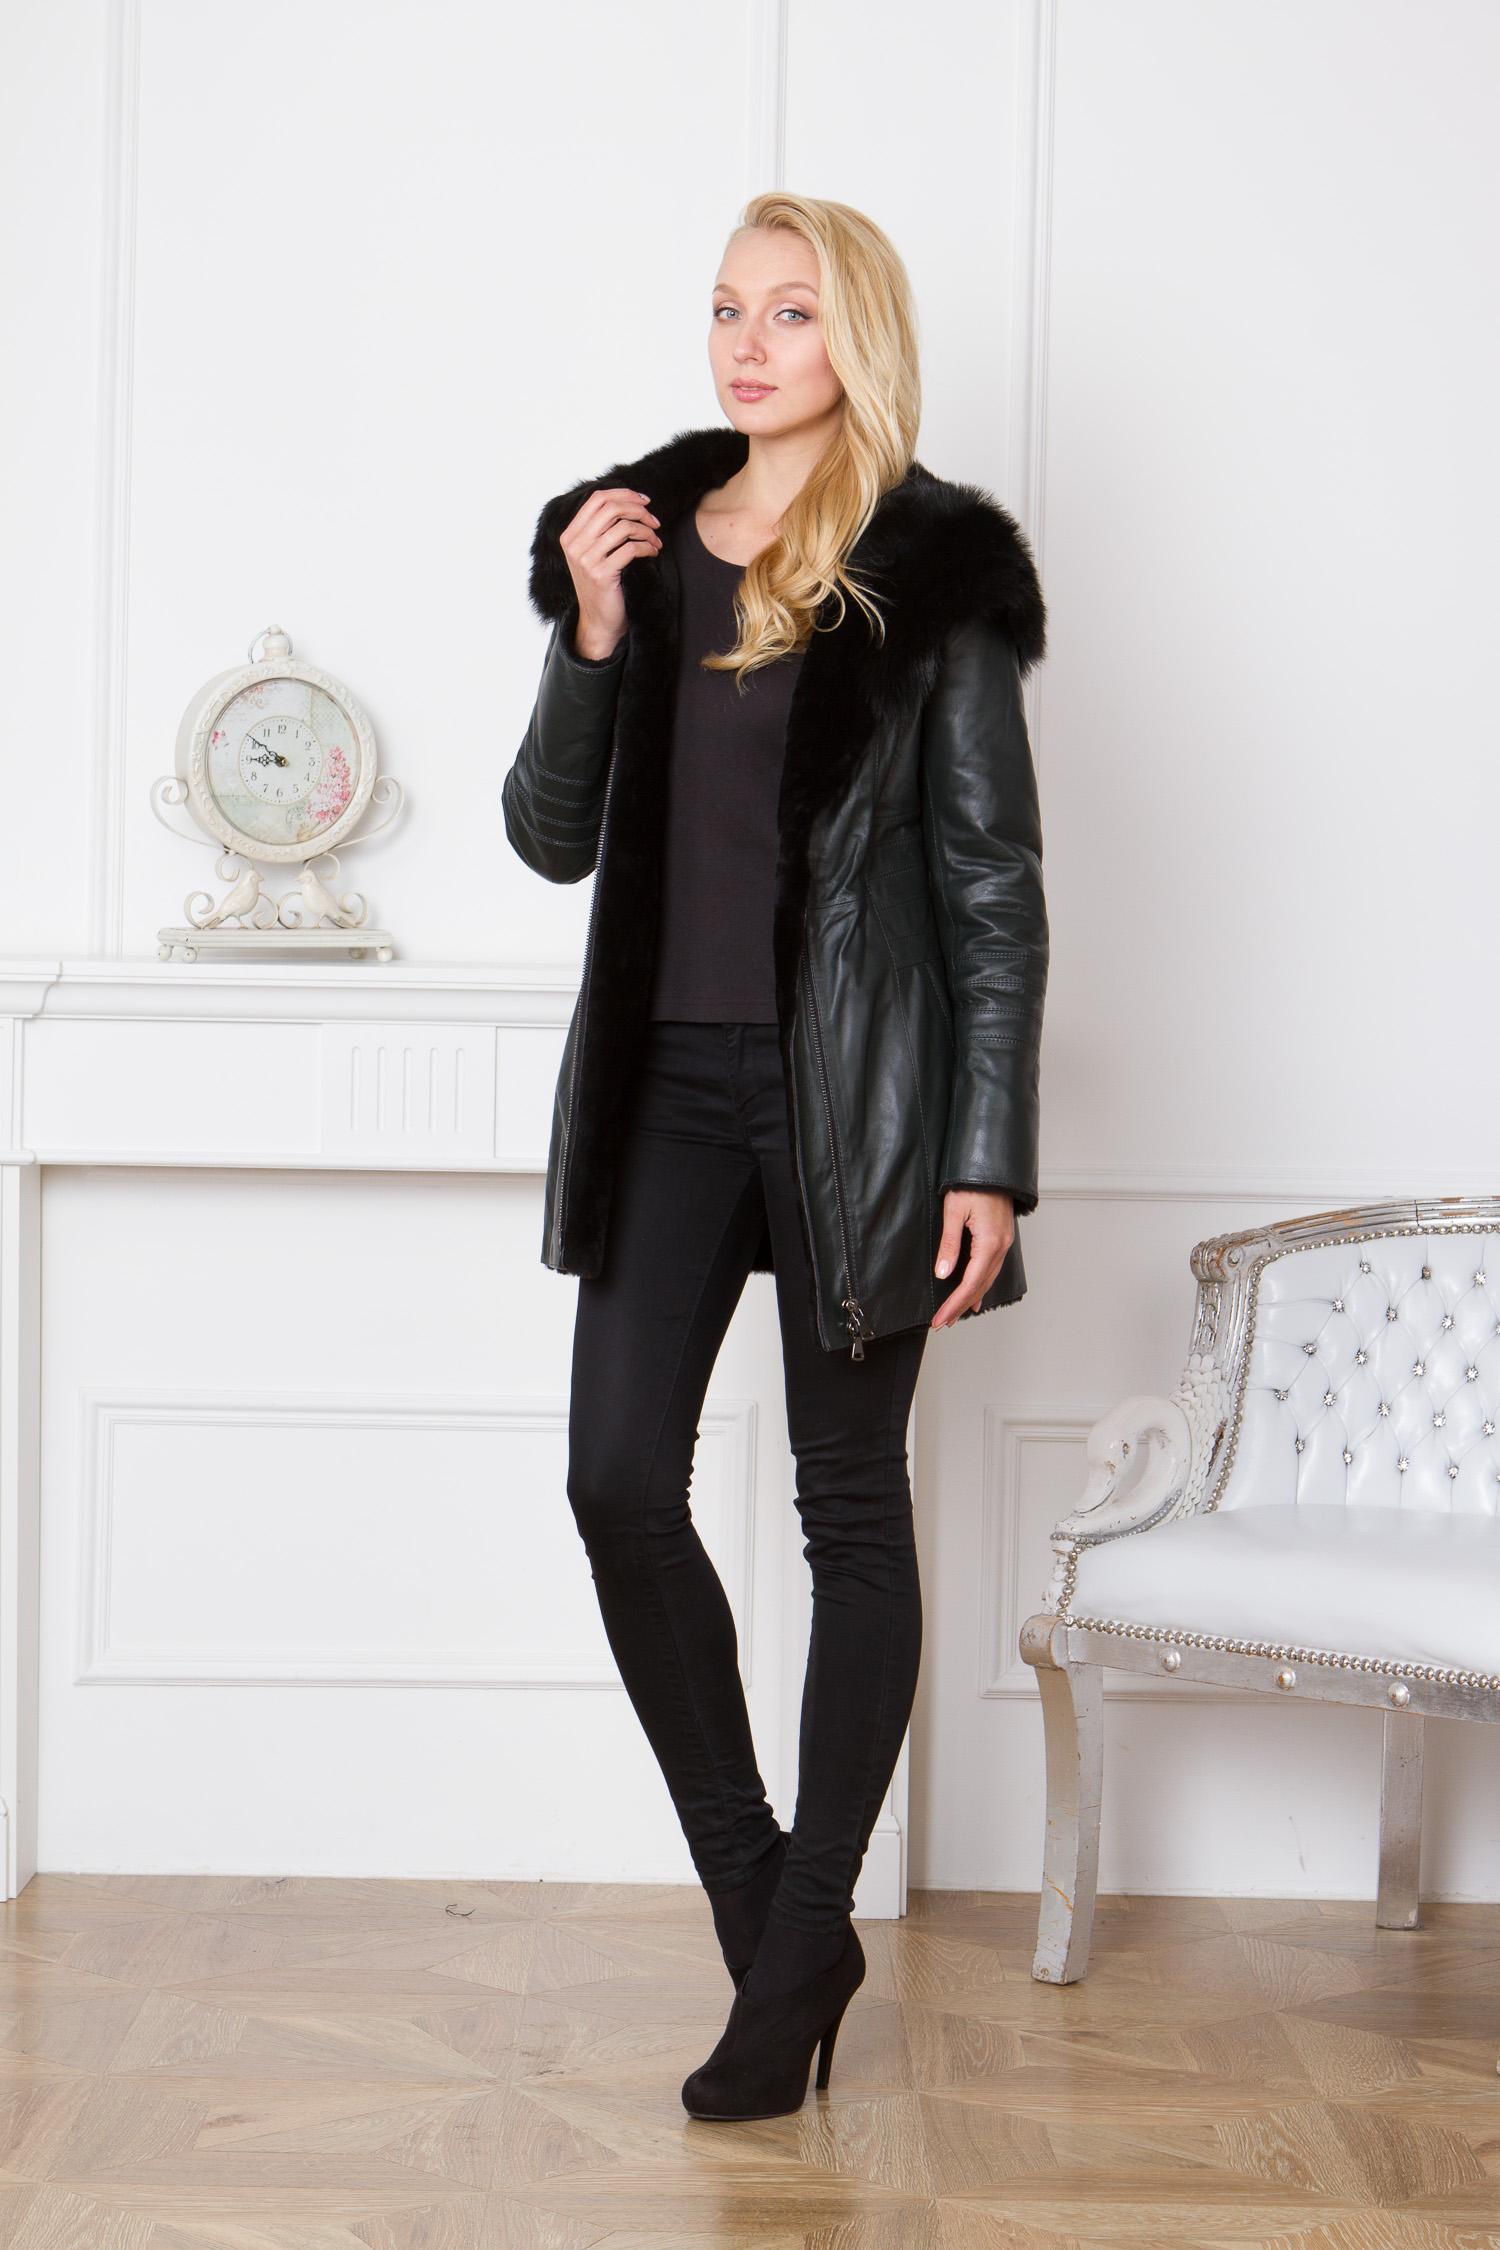 Женская кожаная куртка из натуральной кожи на меху с капюшоном, отделка тоскана от Московская Меховая Компания